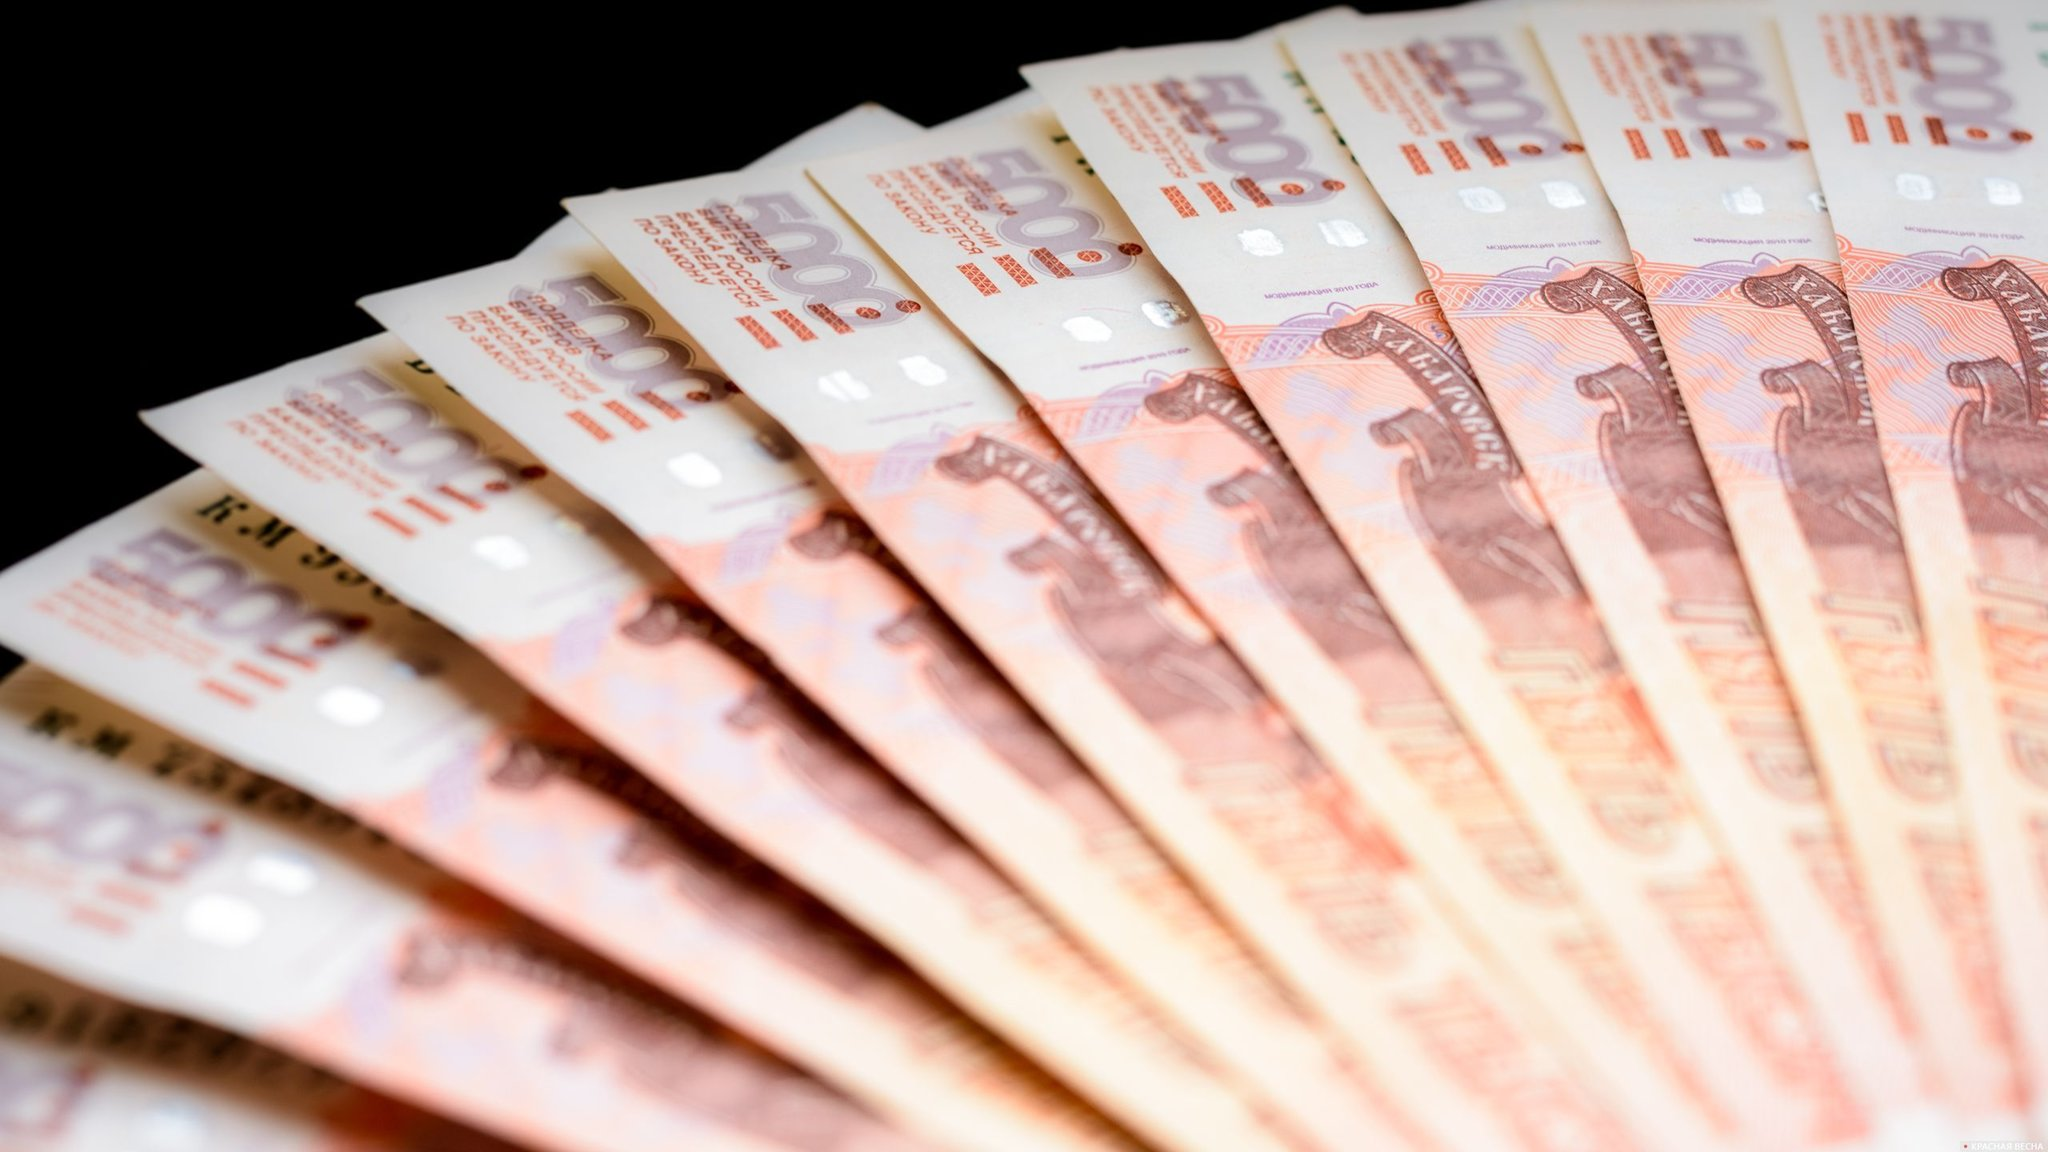 Народные избранники Законодательного собрания приняли областной бюджет на наступающий год